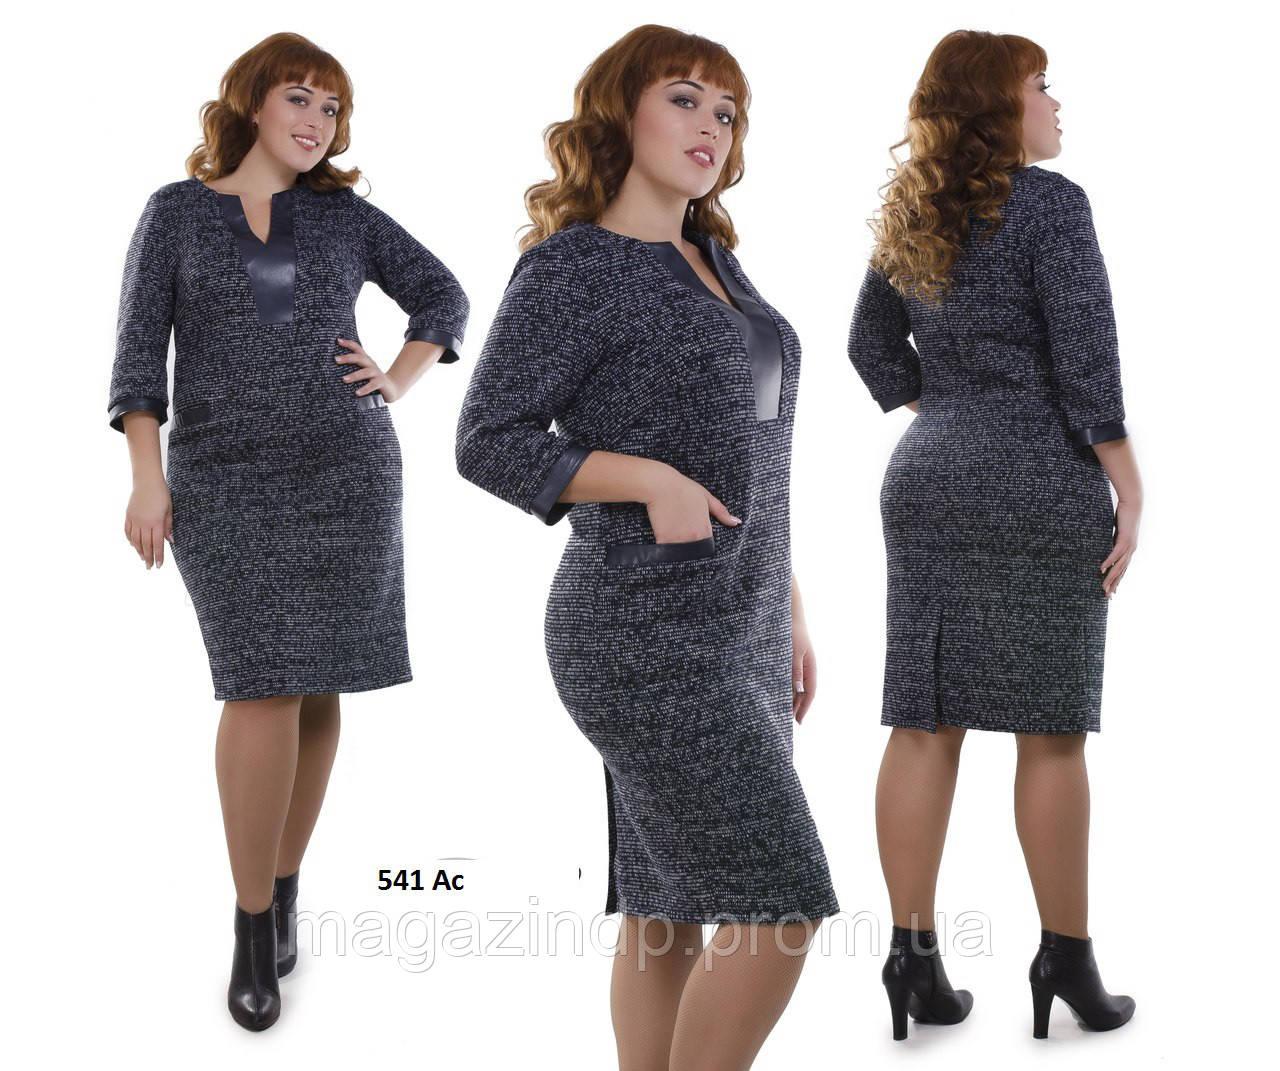 Платье женское батал 541 Ас Код:647531217